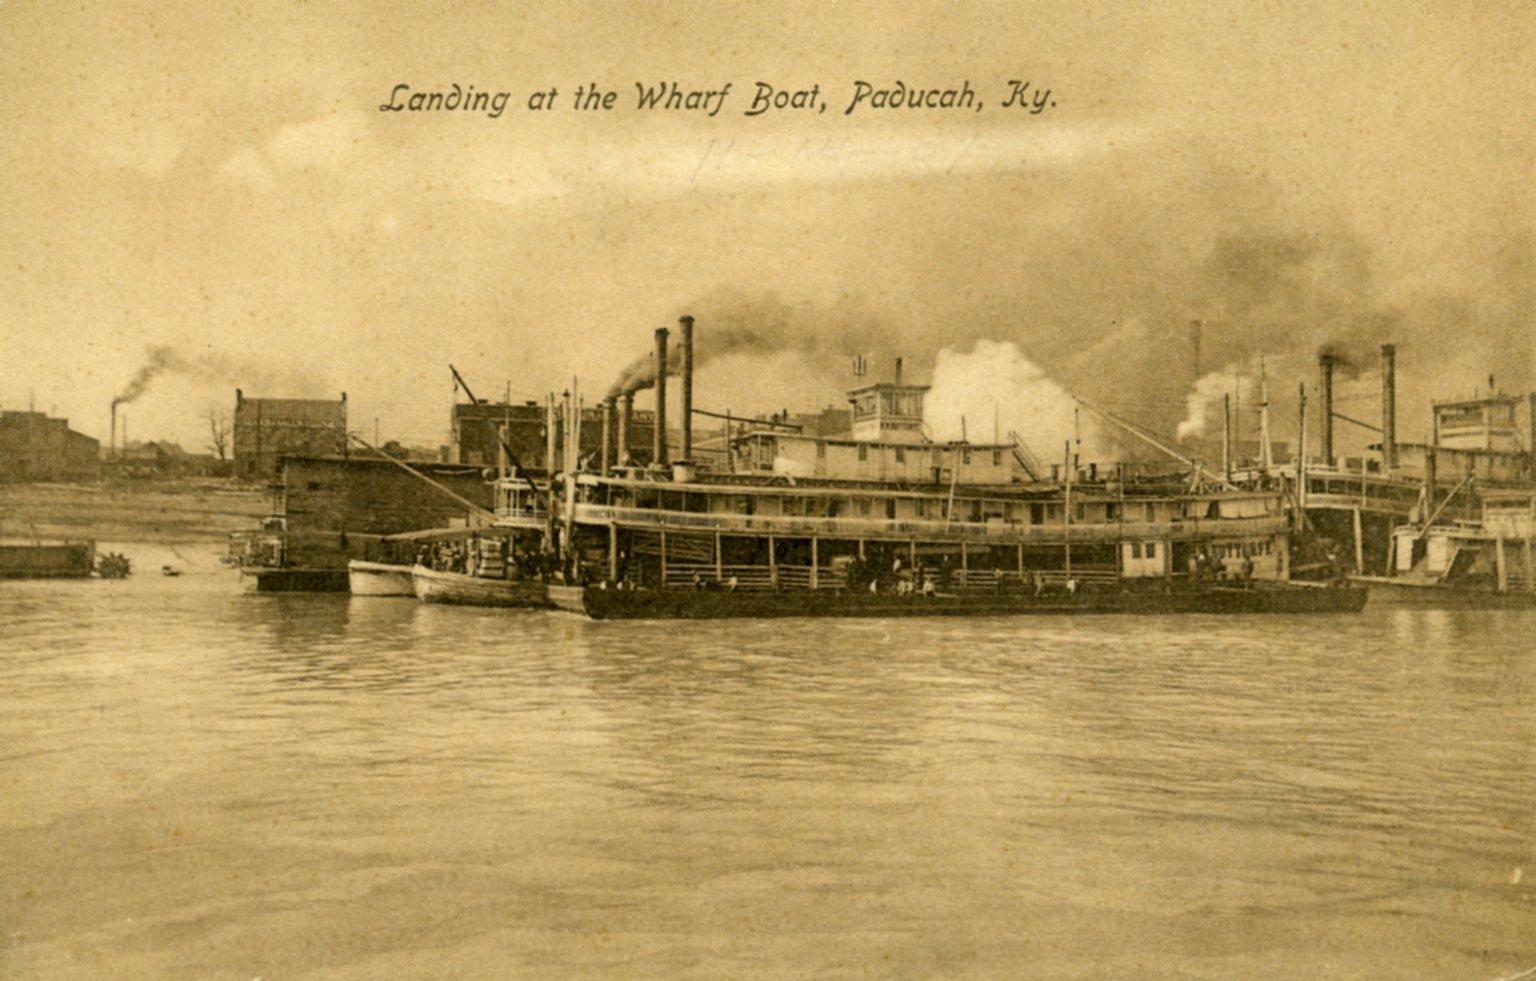 Landing at the Wharf Boat, Paducah, KY.